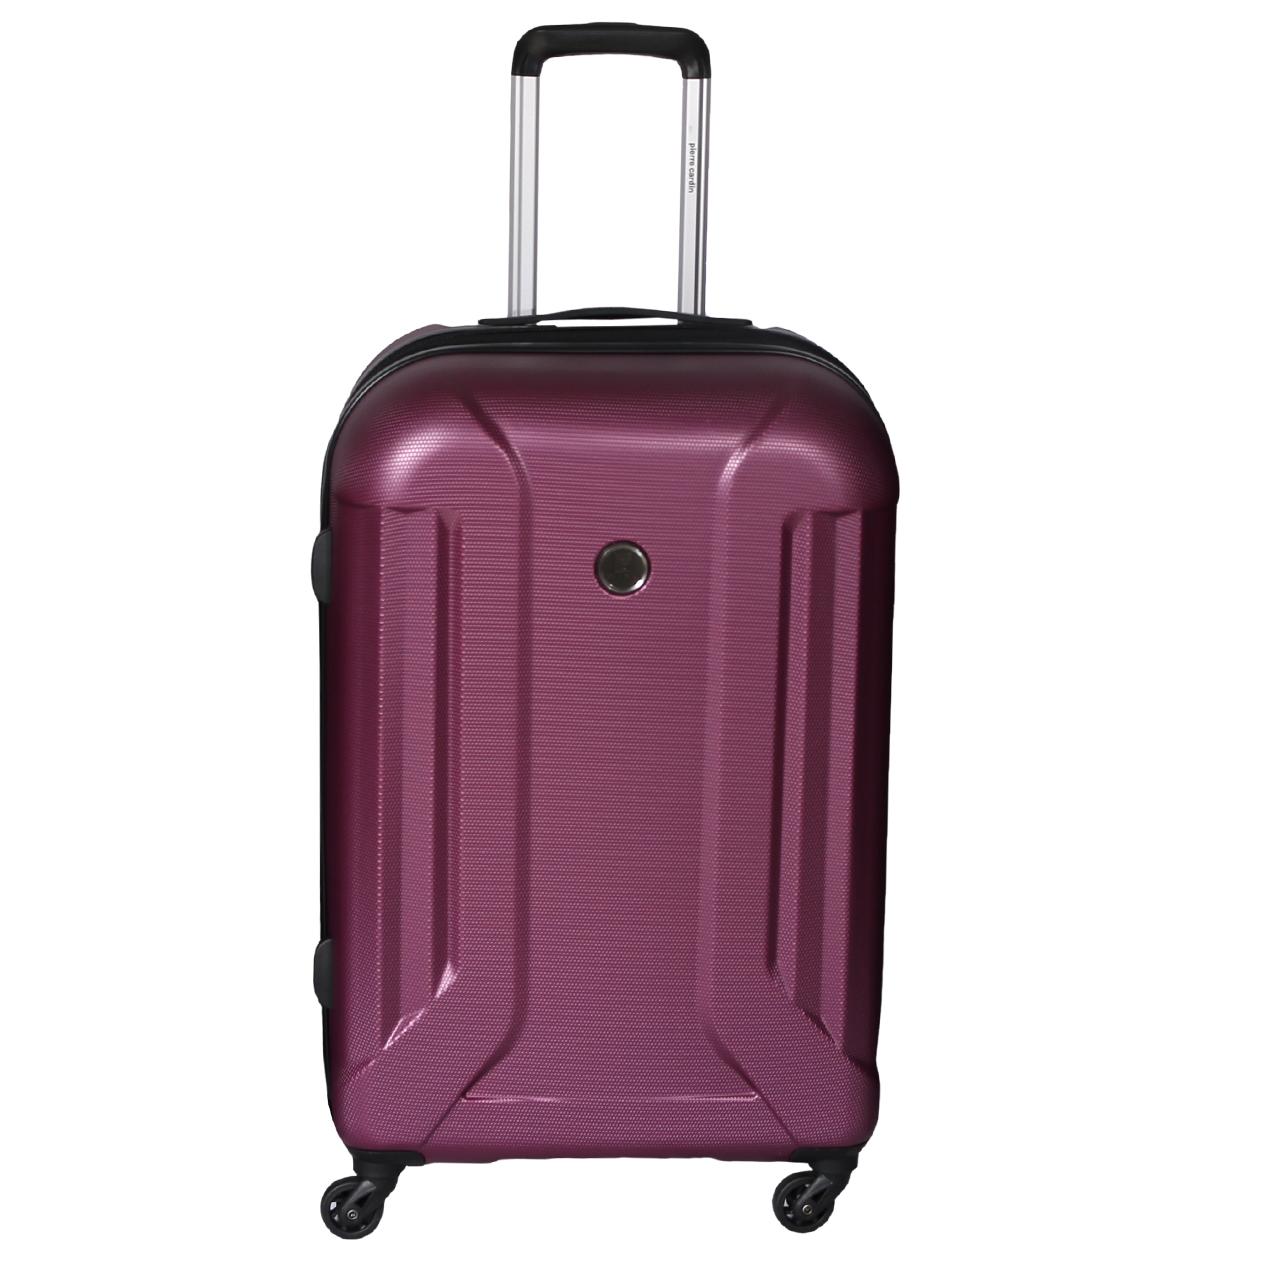 چمدان پیر کاردین مدل pc86296 سایز متوسط